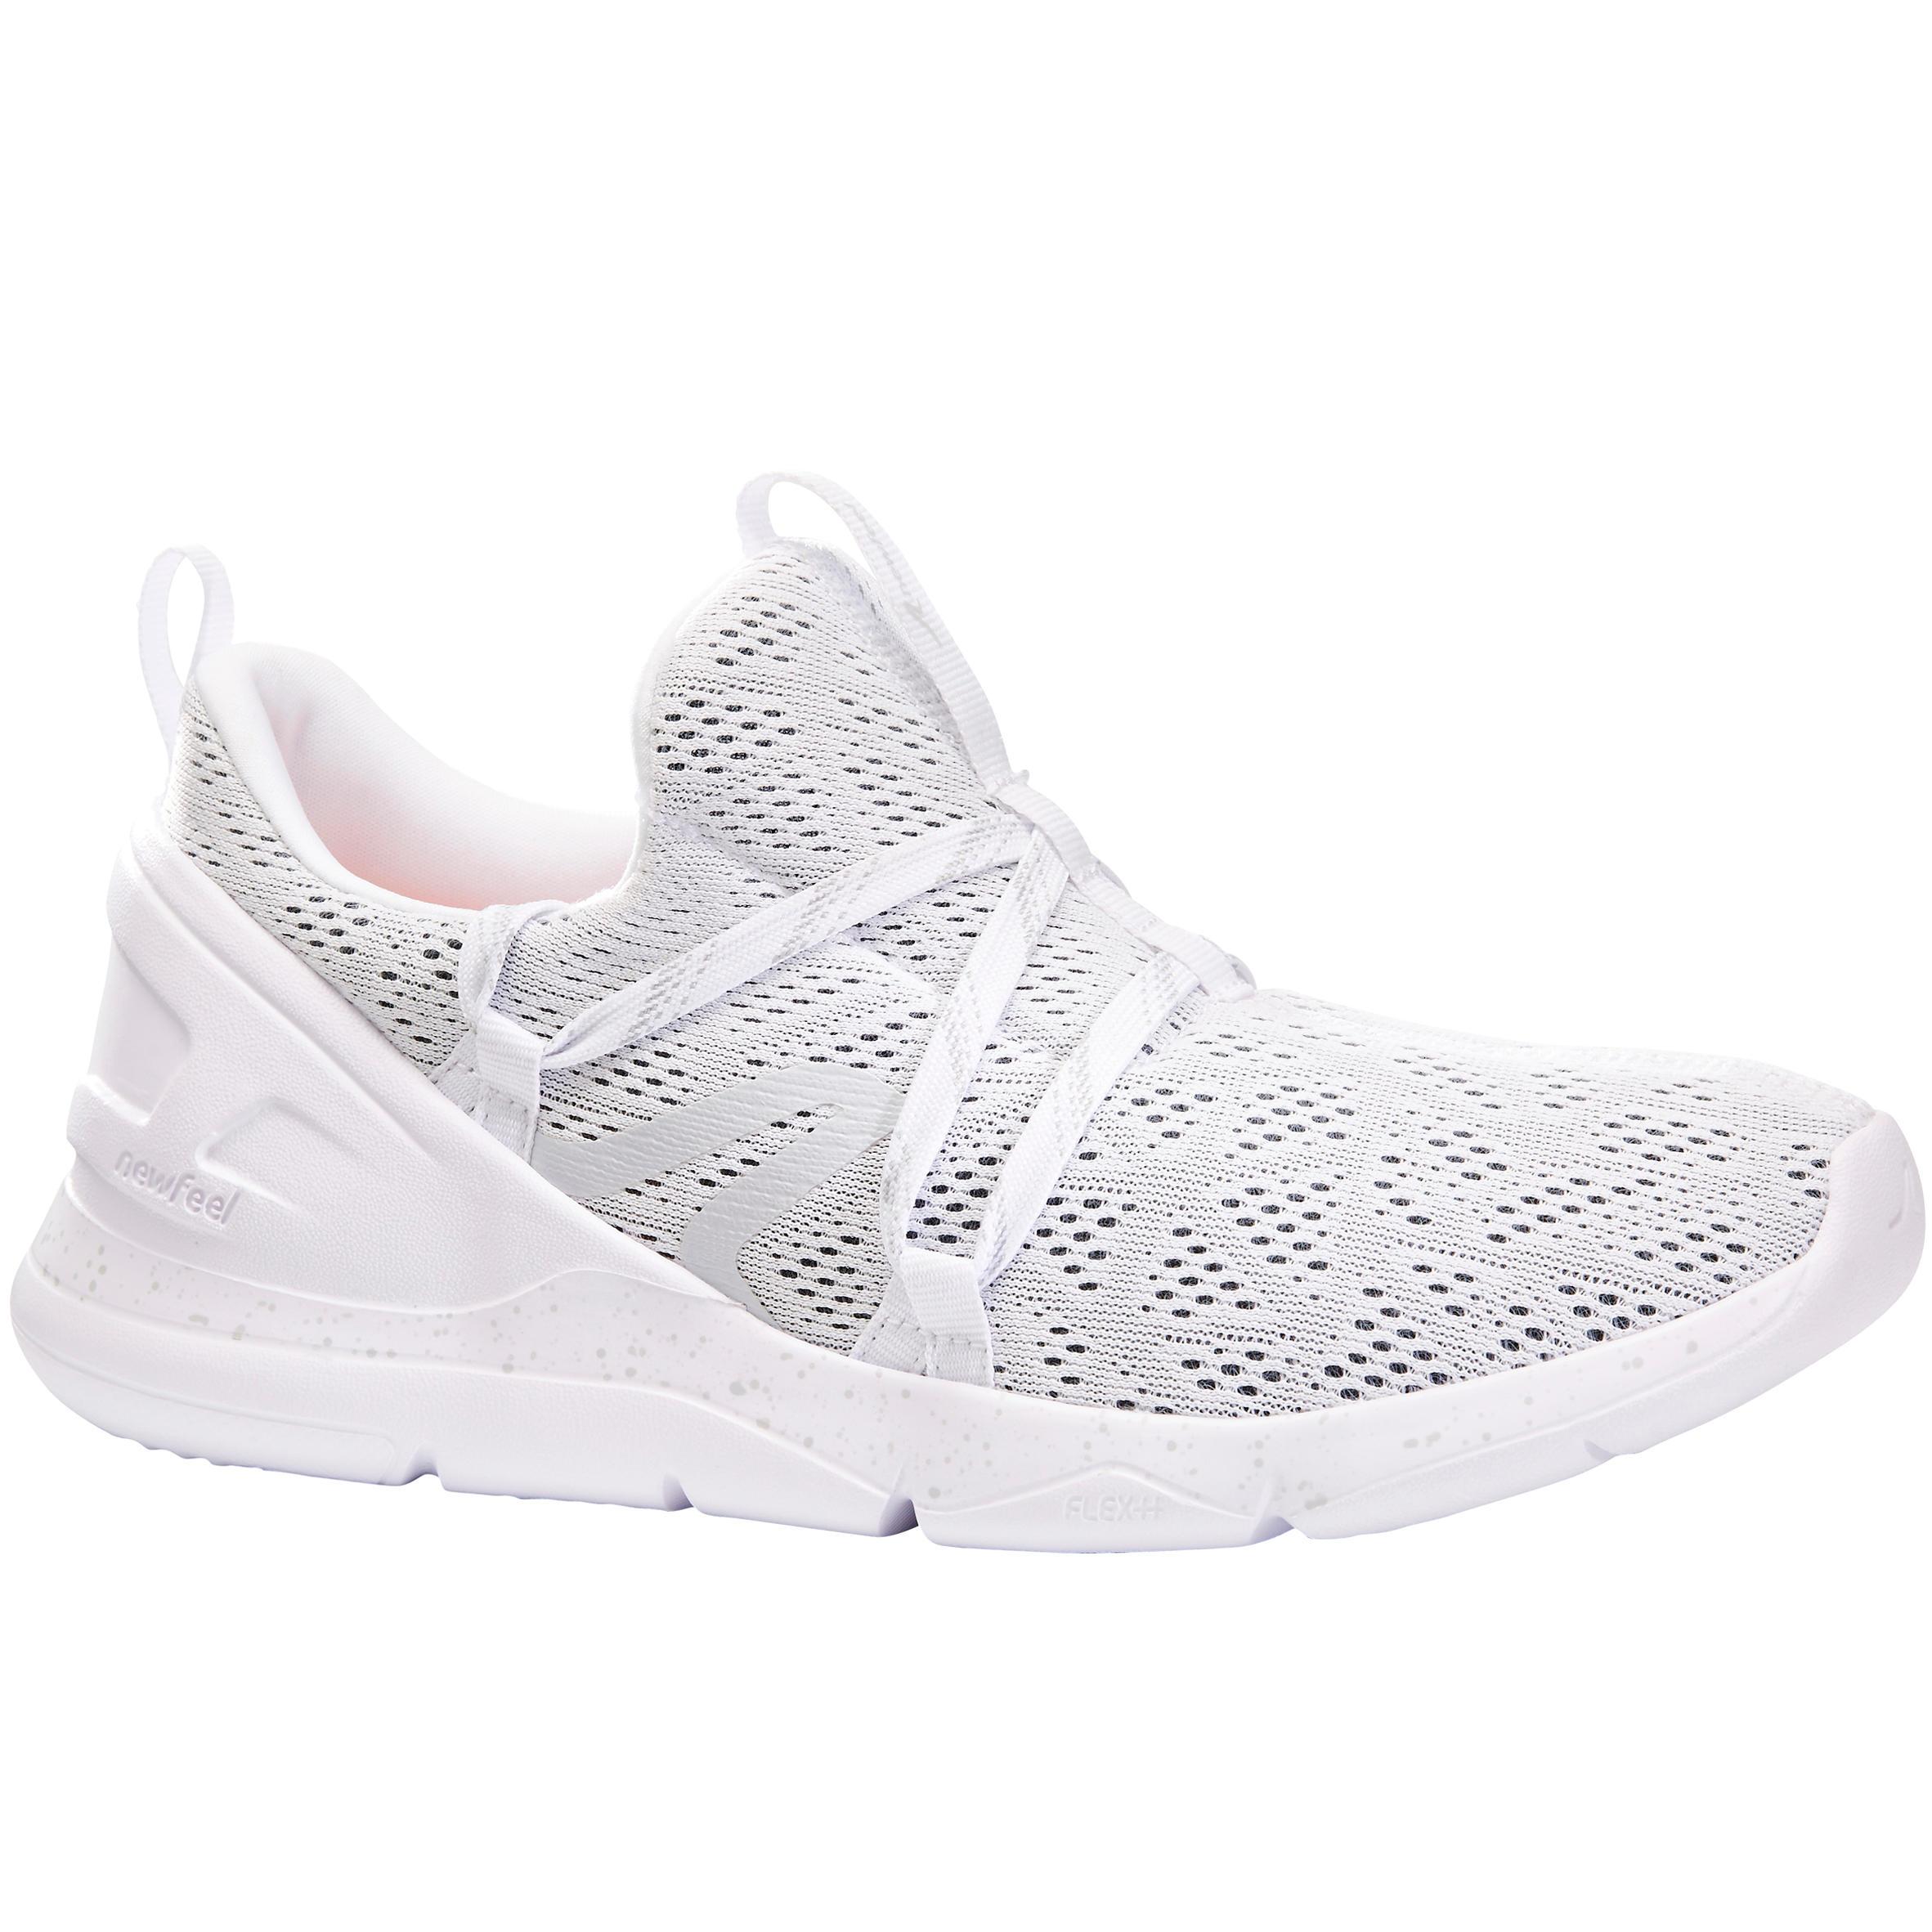 PW 140 Women's Fitness Walking Shoes